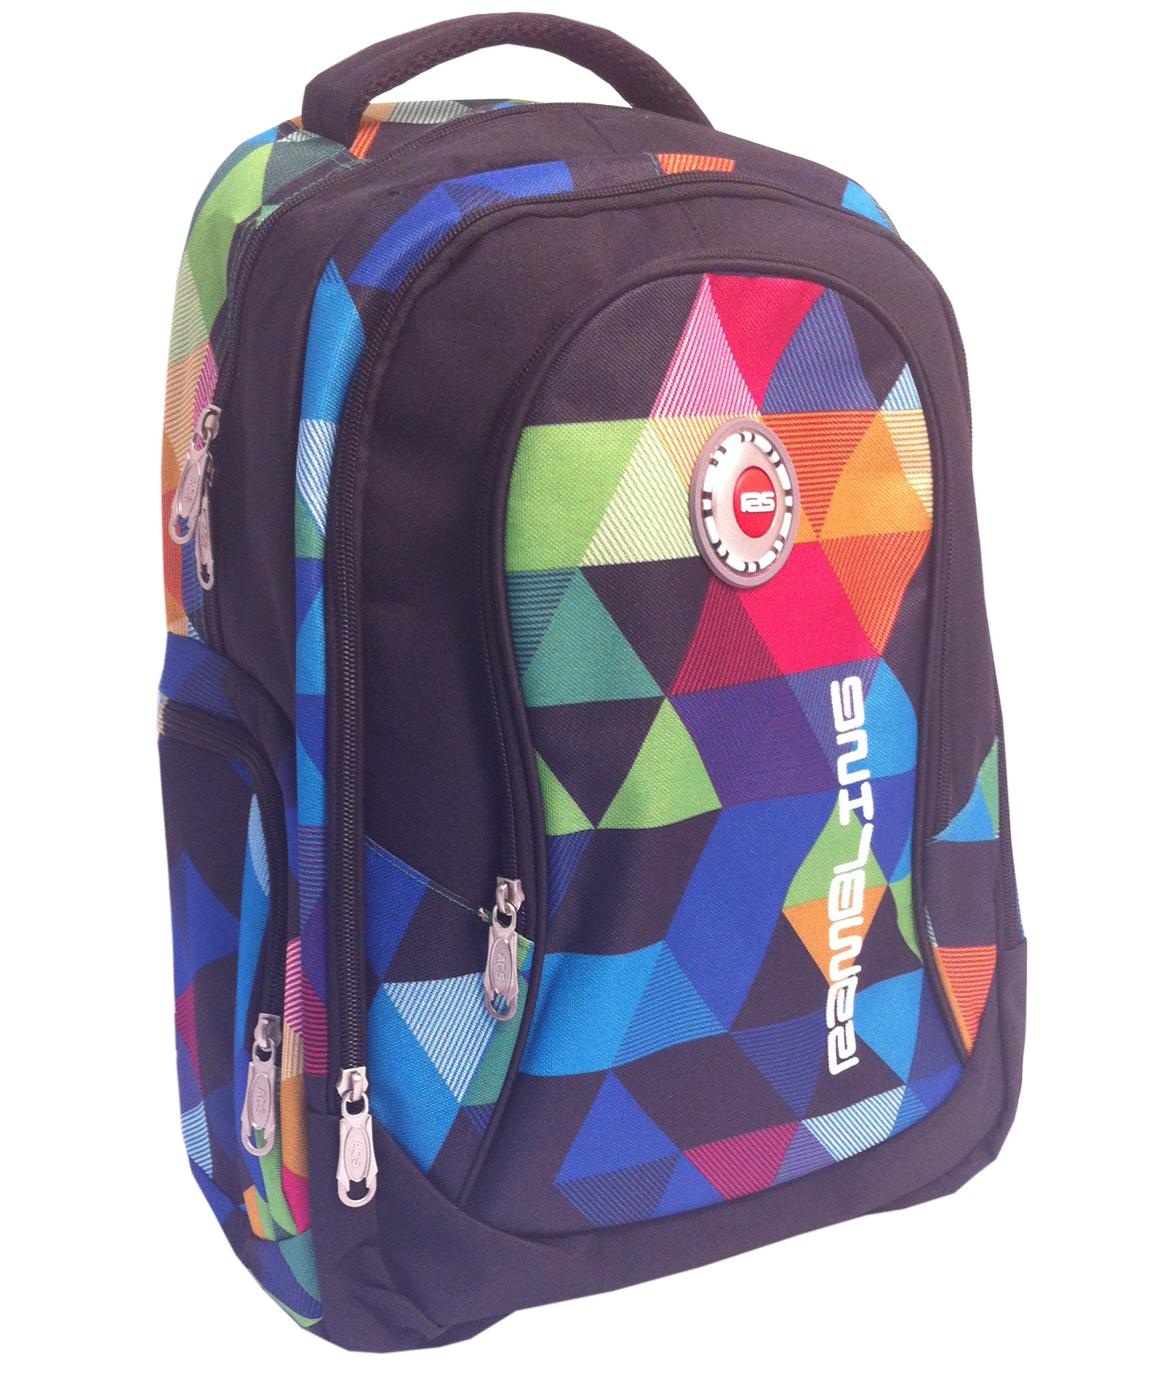 Rucsac 44 x 31 x 18cm multicolor PIGNA School Friendly ACS